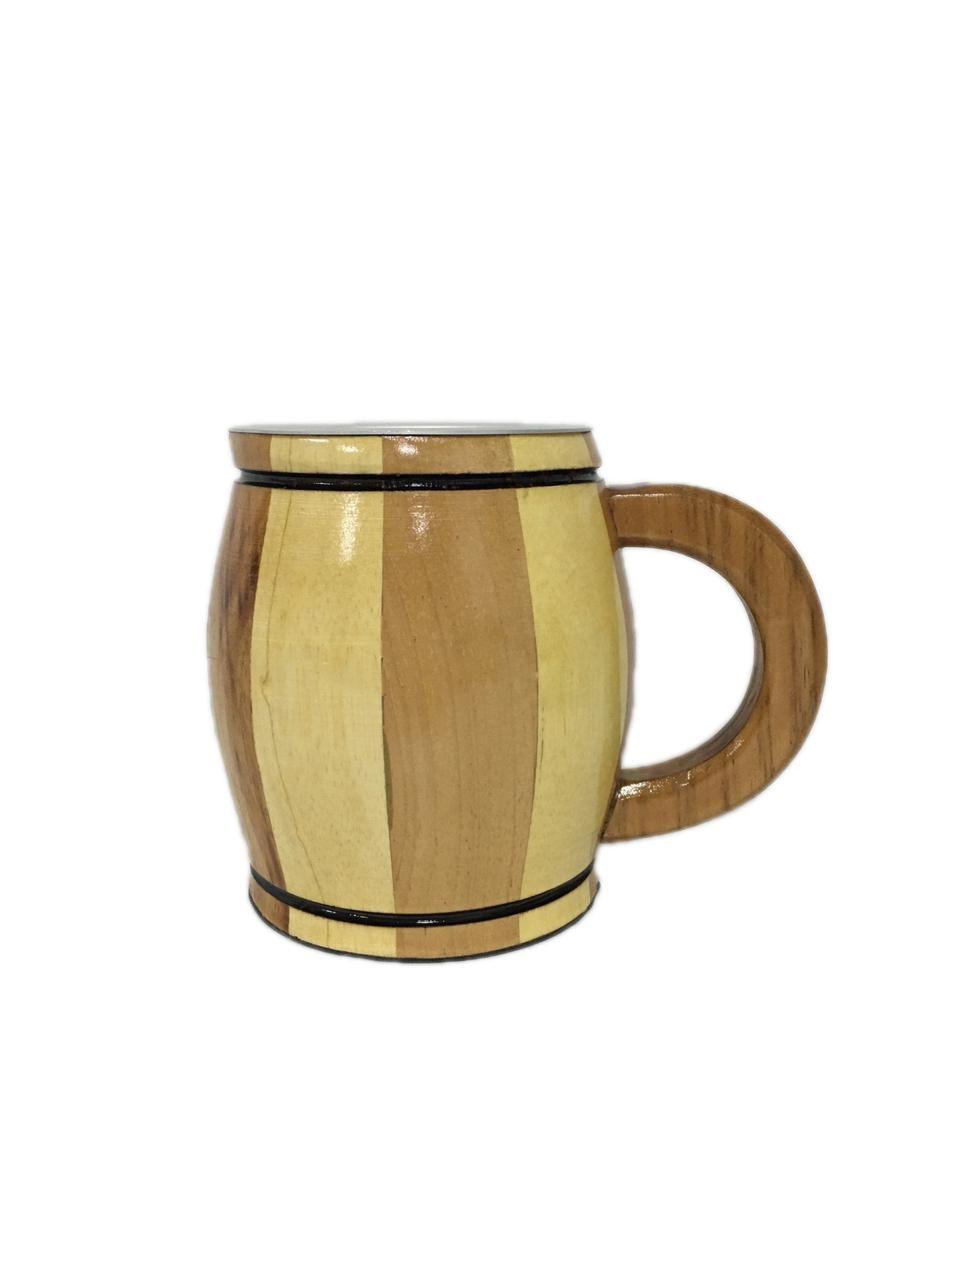 Caneca Artesanal de Madeira Mesclada 400 ml Chopp Cerveja